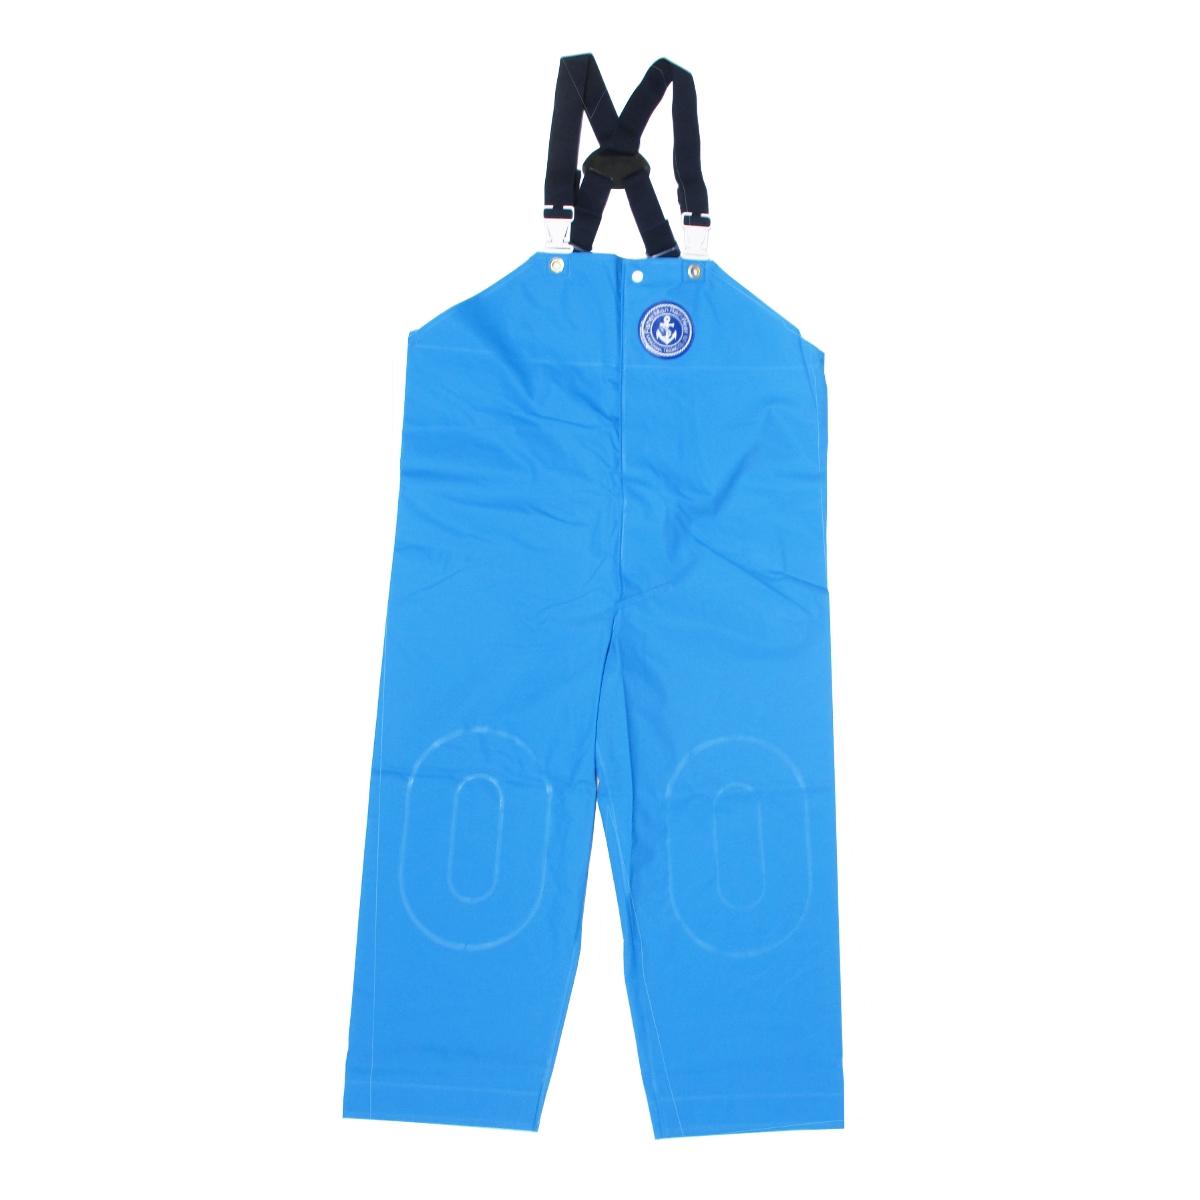 交換無料! クラフテル フィッシャーマンレインウェアー クラフテル 胸付ズボン(前開き型) ブルー(東日本店) M M ブルー(東日本店), ウオヅシ:83ceee21 --- ifinanse.biz